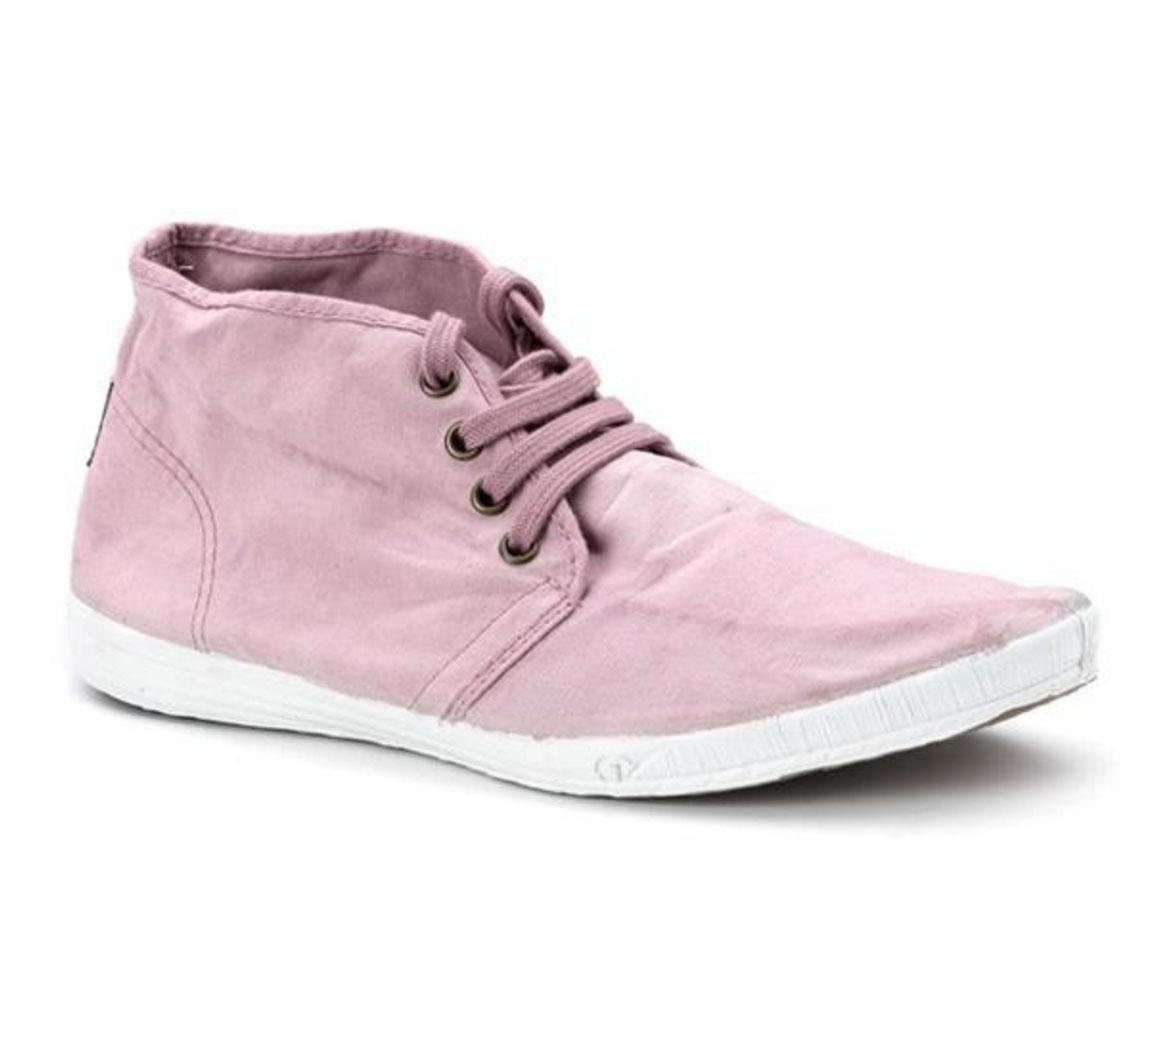 Chaussure homme Bota sport H Azul